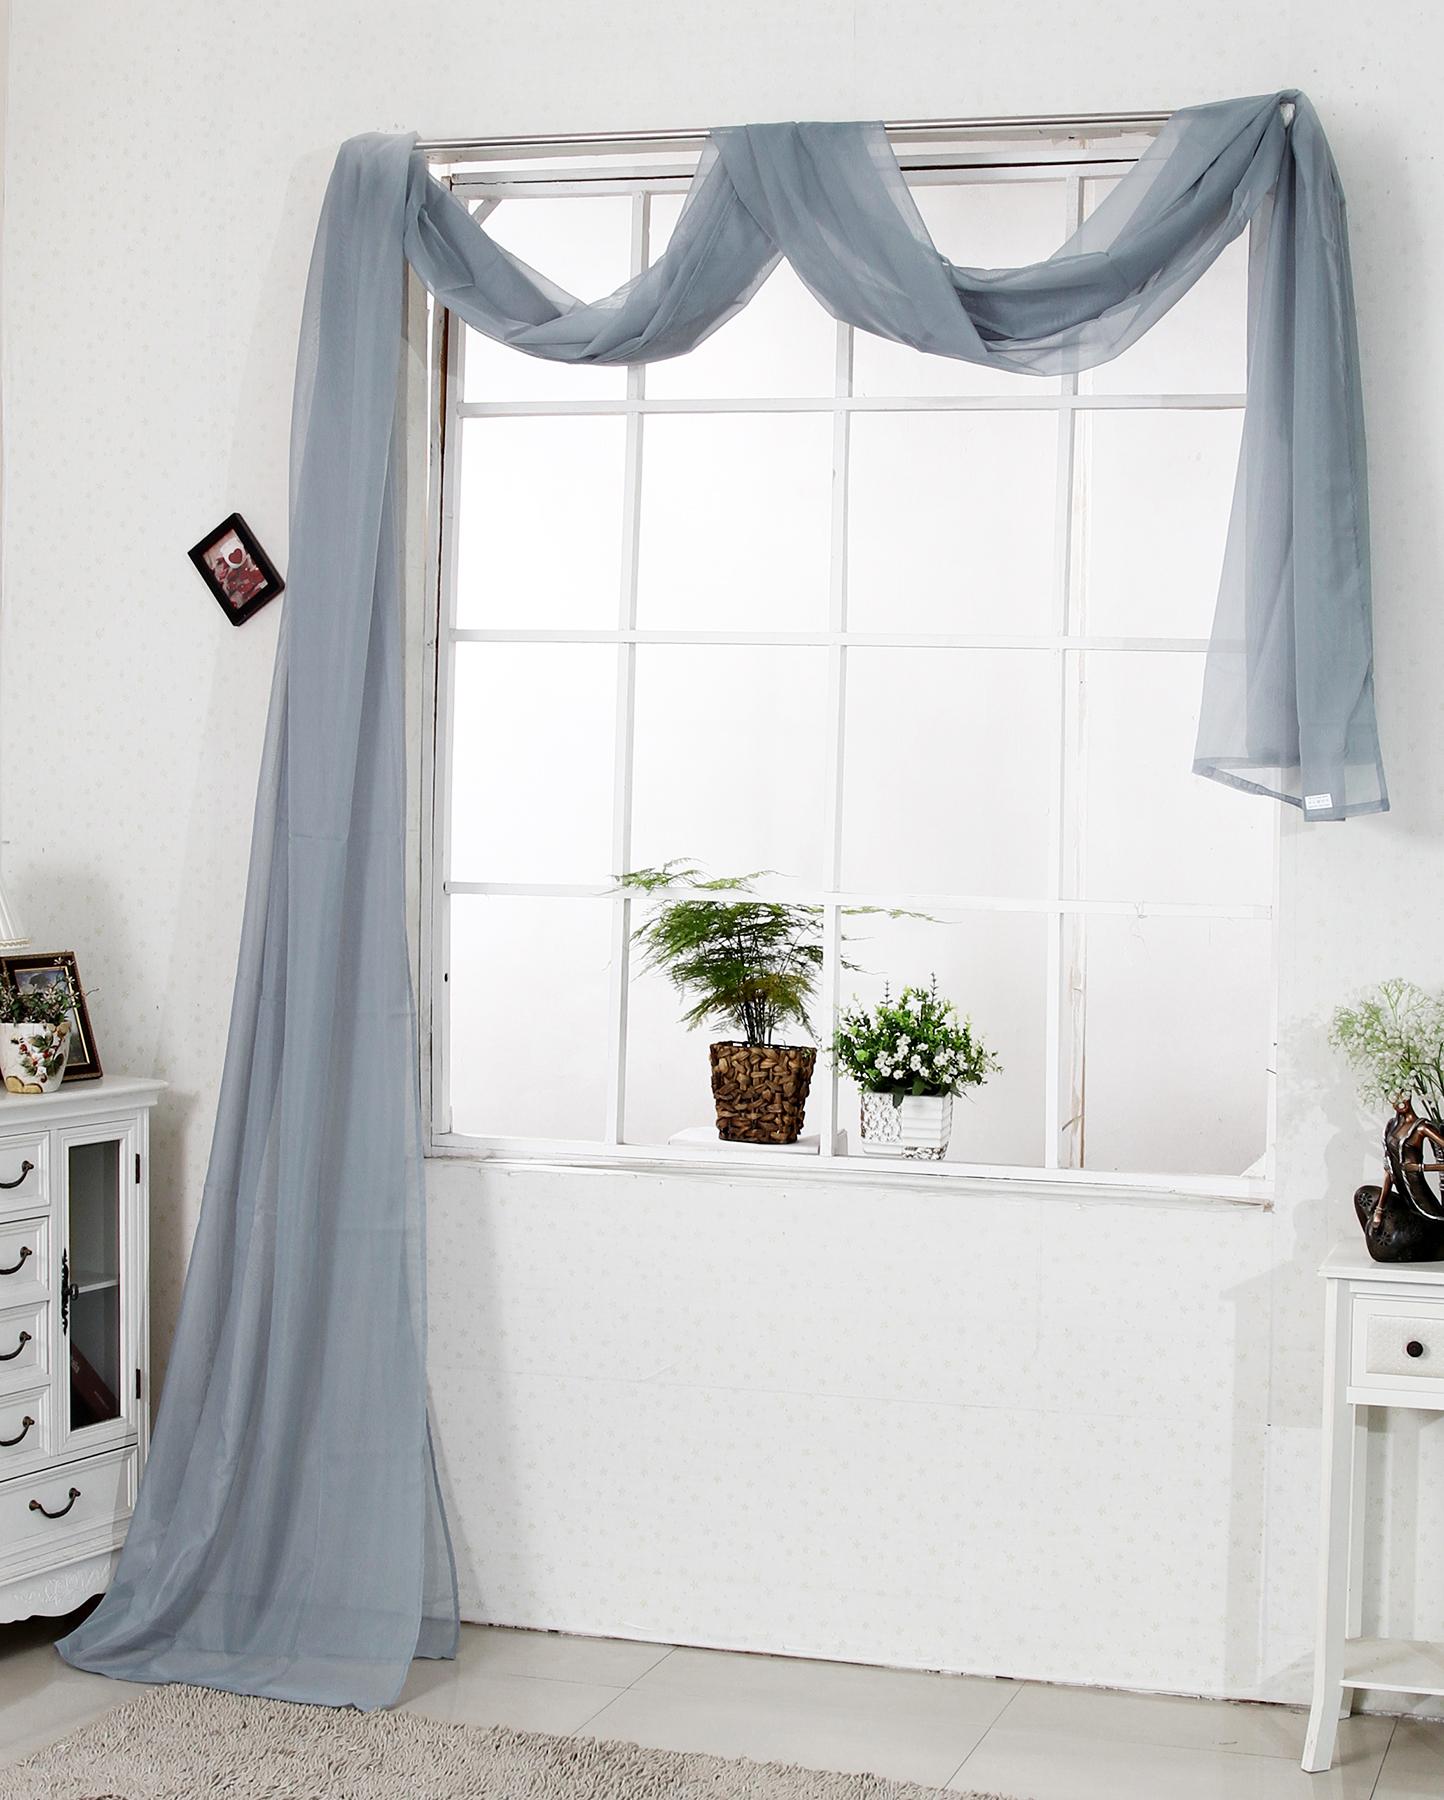 1 rideau cantonni re transparent pour fen tre taille 140x600 f083 ebay. Black Bedroom Furniture Sets. Home Design Ideas